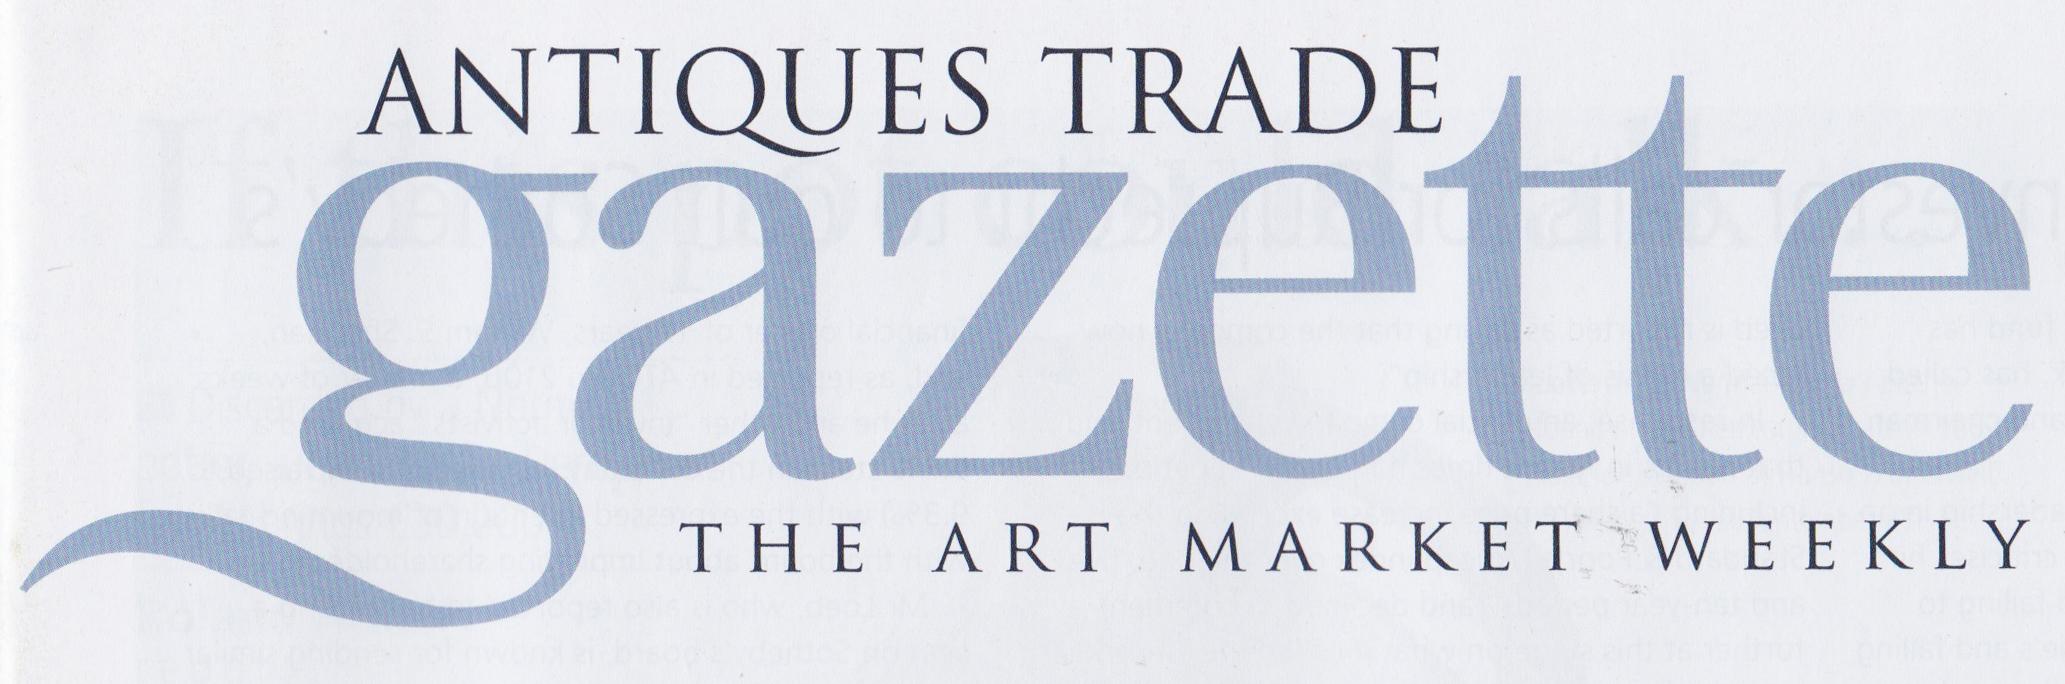 Antique Trade Gazette